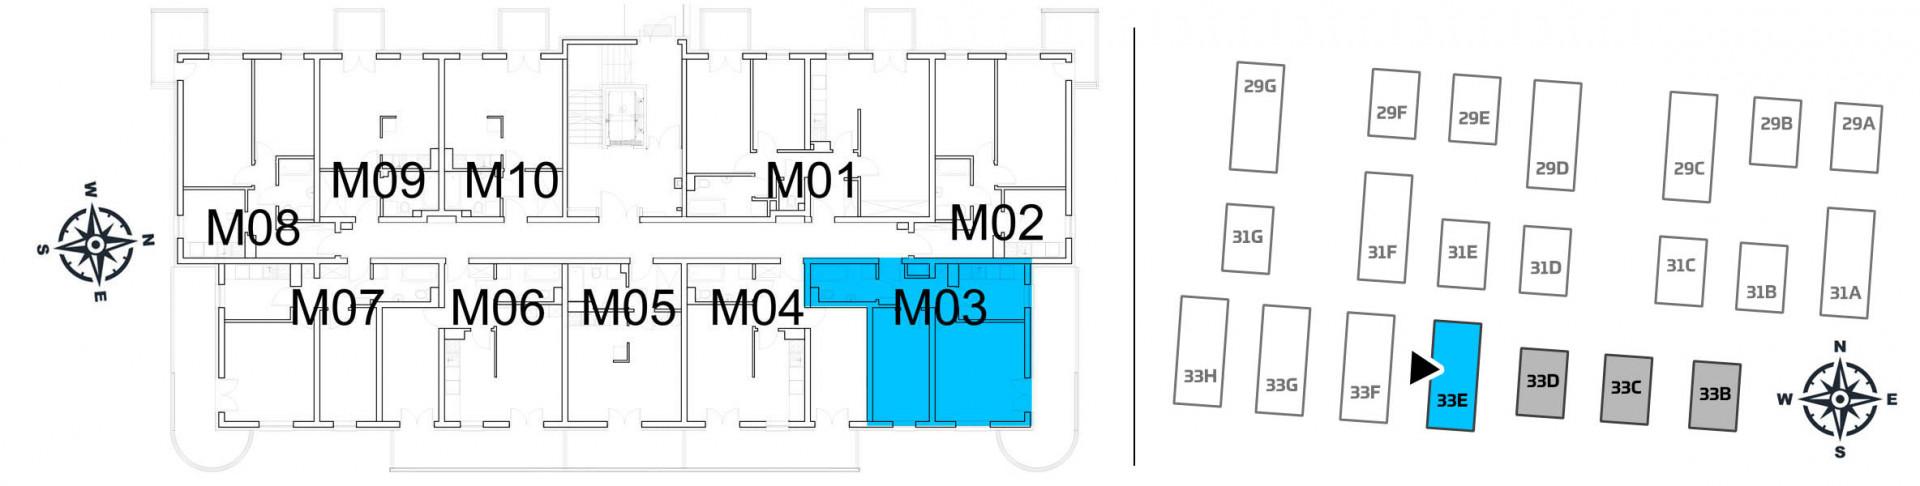 Mieszkanie dwupokojowe 33E/3 rzut 2